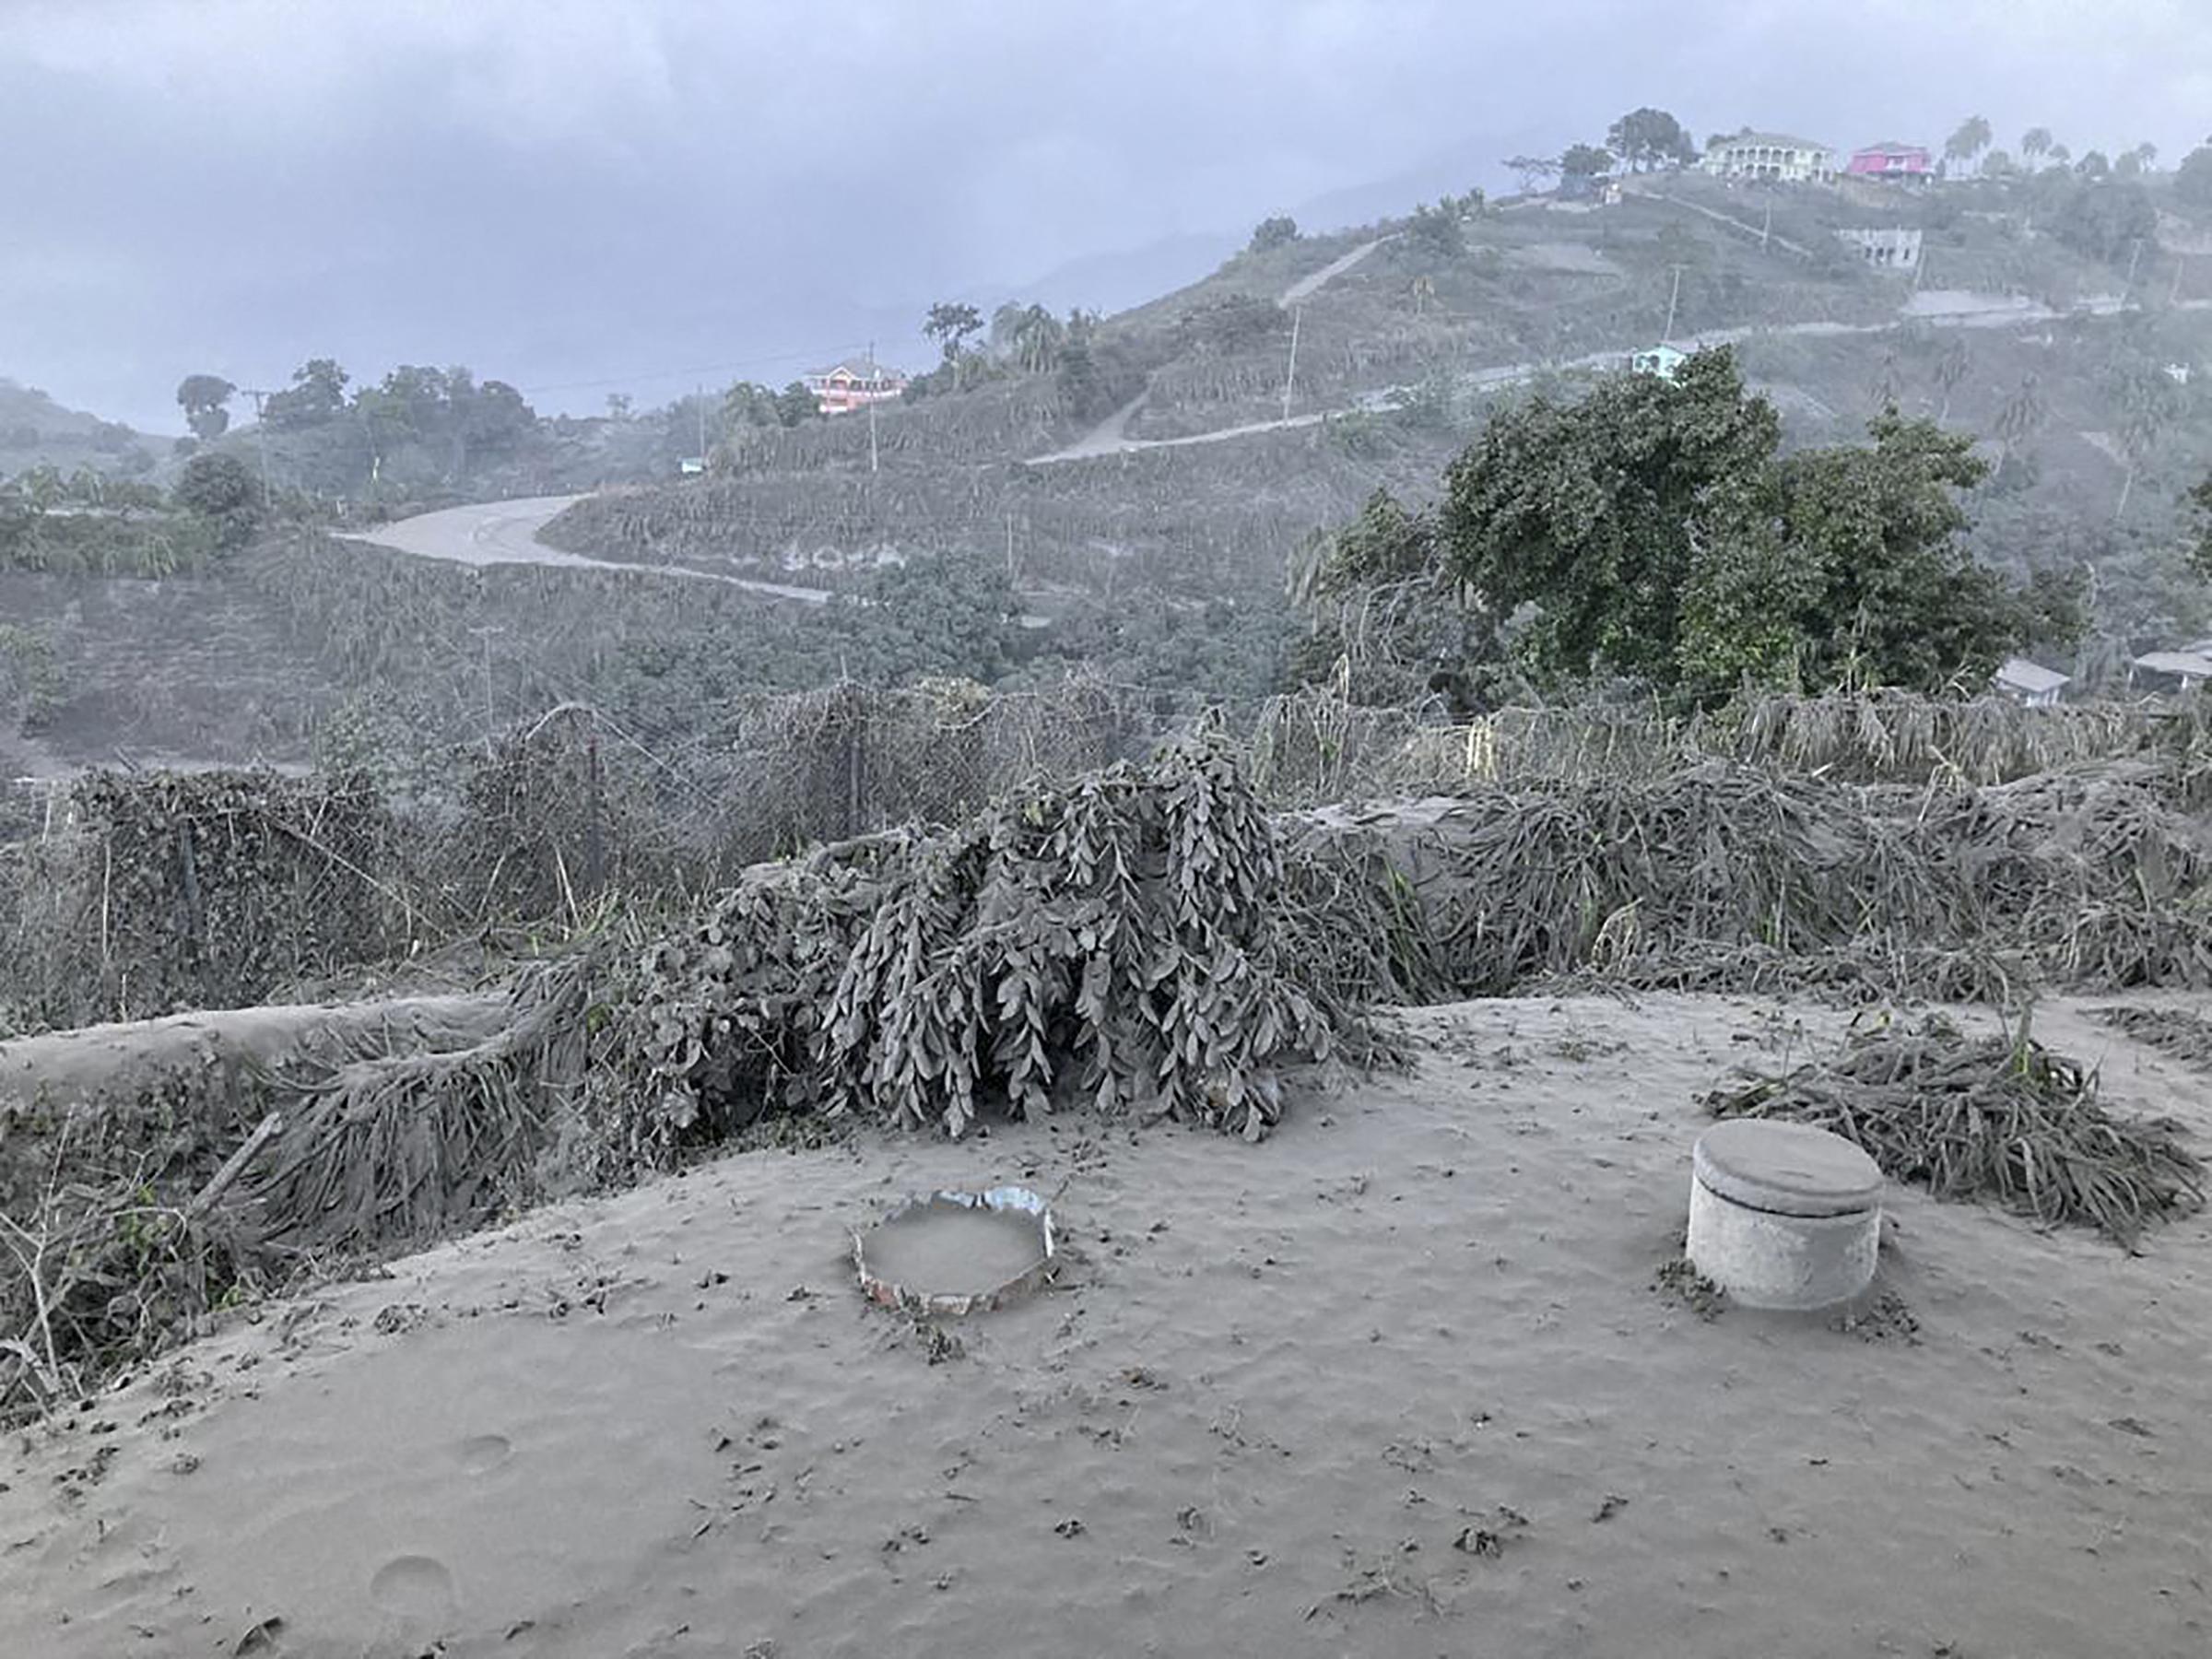 Vastag hamuréteg lepte el Saint Vincent szigetét az újabb vulkánkitörés után